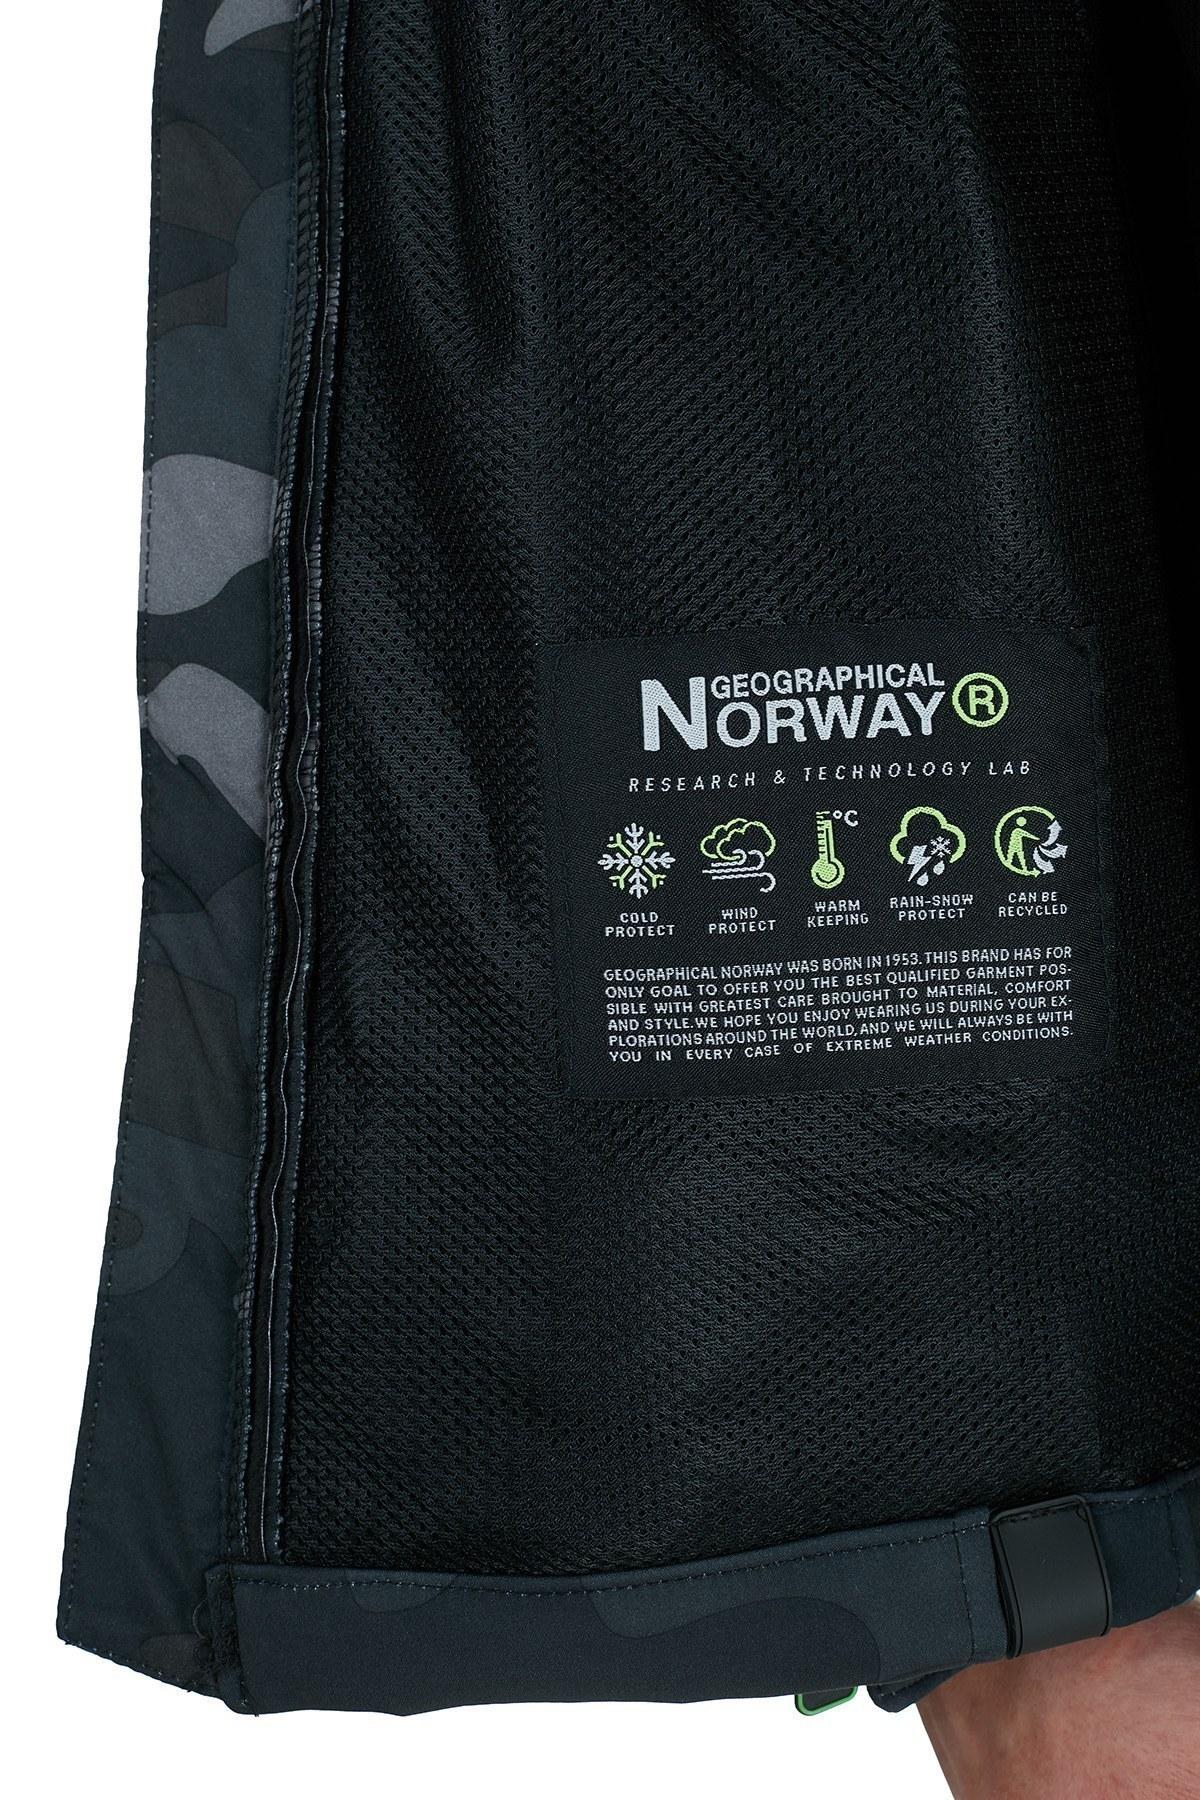 Norway Geographical Kapüşonlu Suya Dayanıklı Outdoor Erkek Mont TABOOCAMO SİYAH-YEŞİL